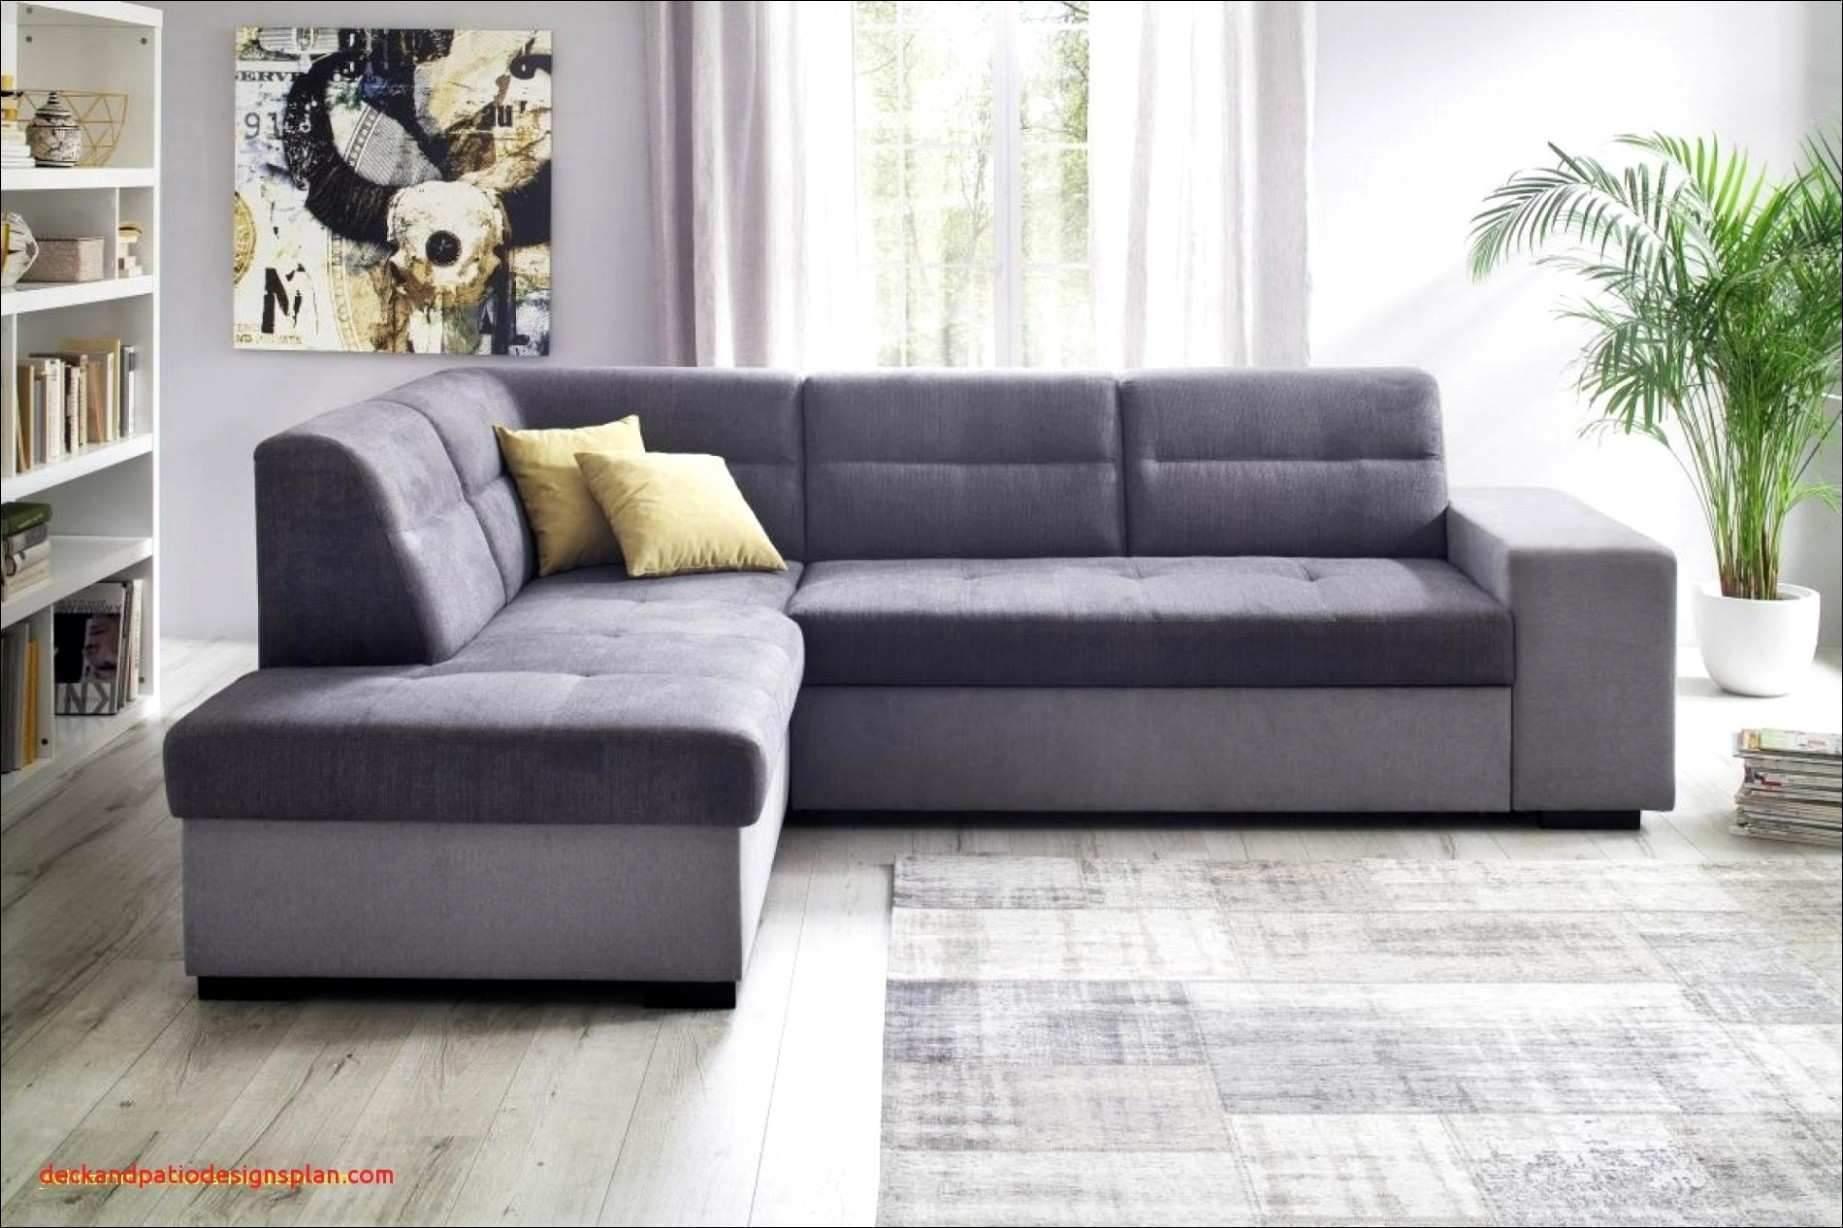 wohnzimmer deko selber machen neu wohnzimmer deko selber machen ideen was solltest du tun of wohnzimmer deko selber machen